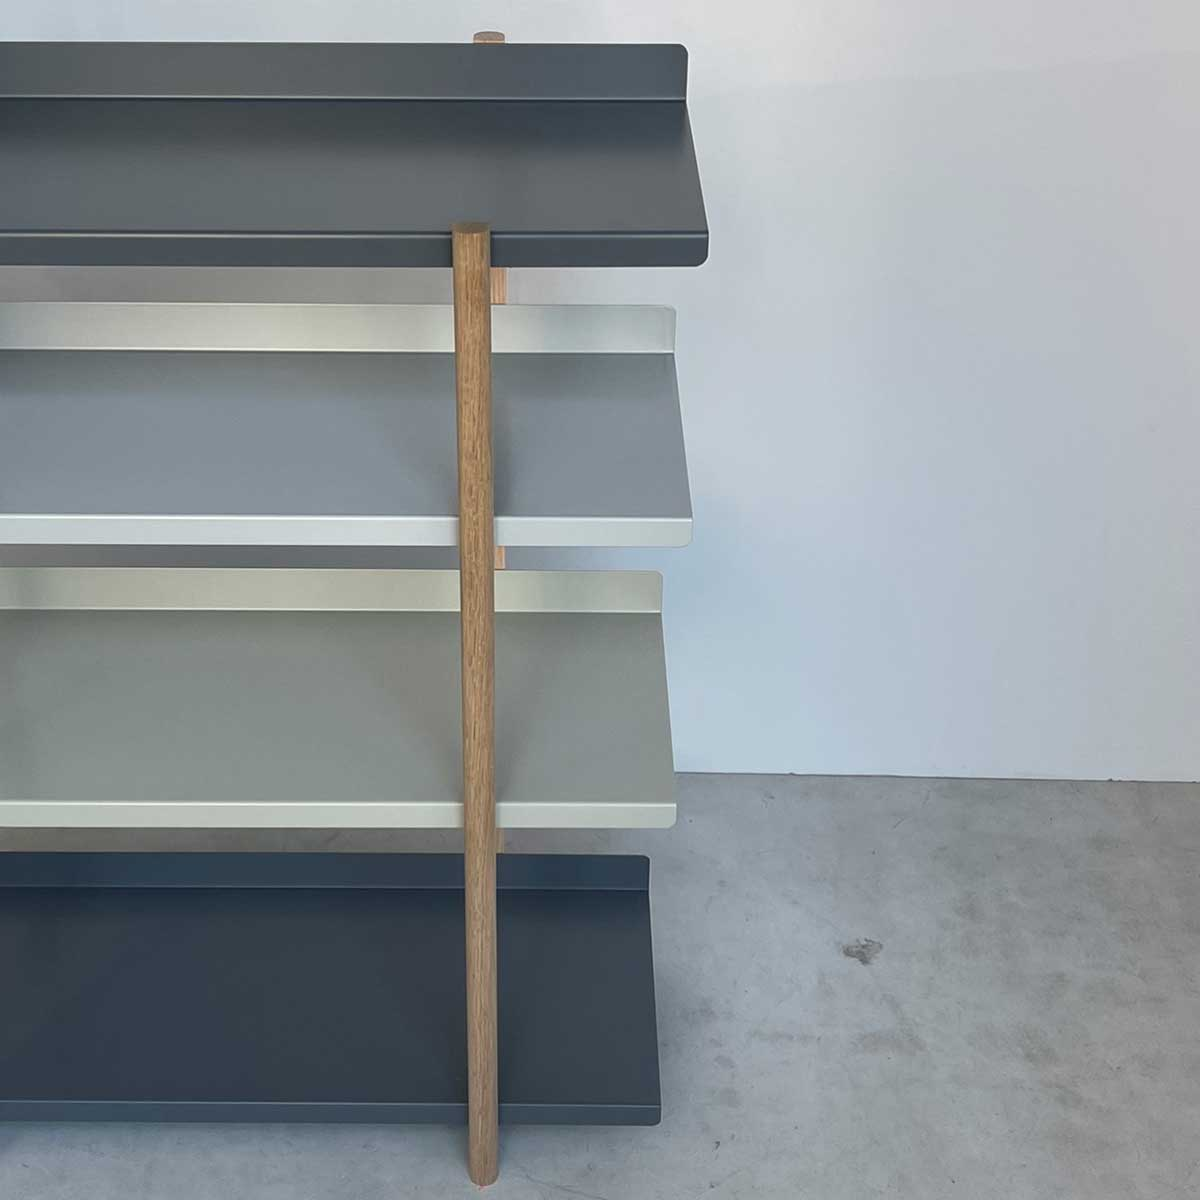 グラデーションカラーの棚板がめずらしい家具。色違いの棚板を入れ替えるたびに、新鮮な空間づくりができる「シェルフ(棚)」DUENDE Marge Shelf(デュエンデ マージ シェルフ)